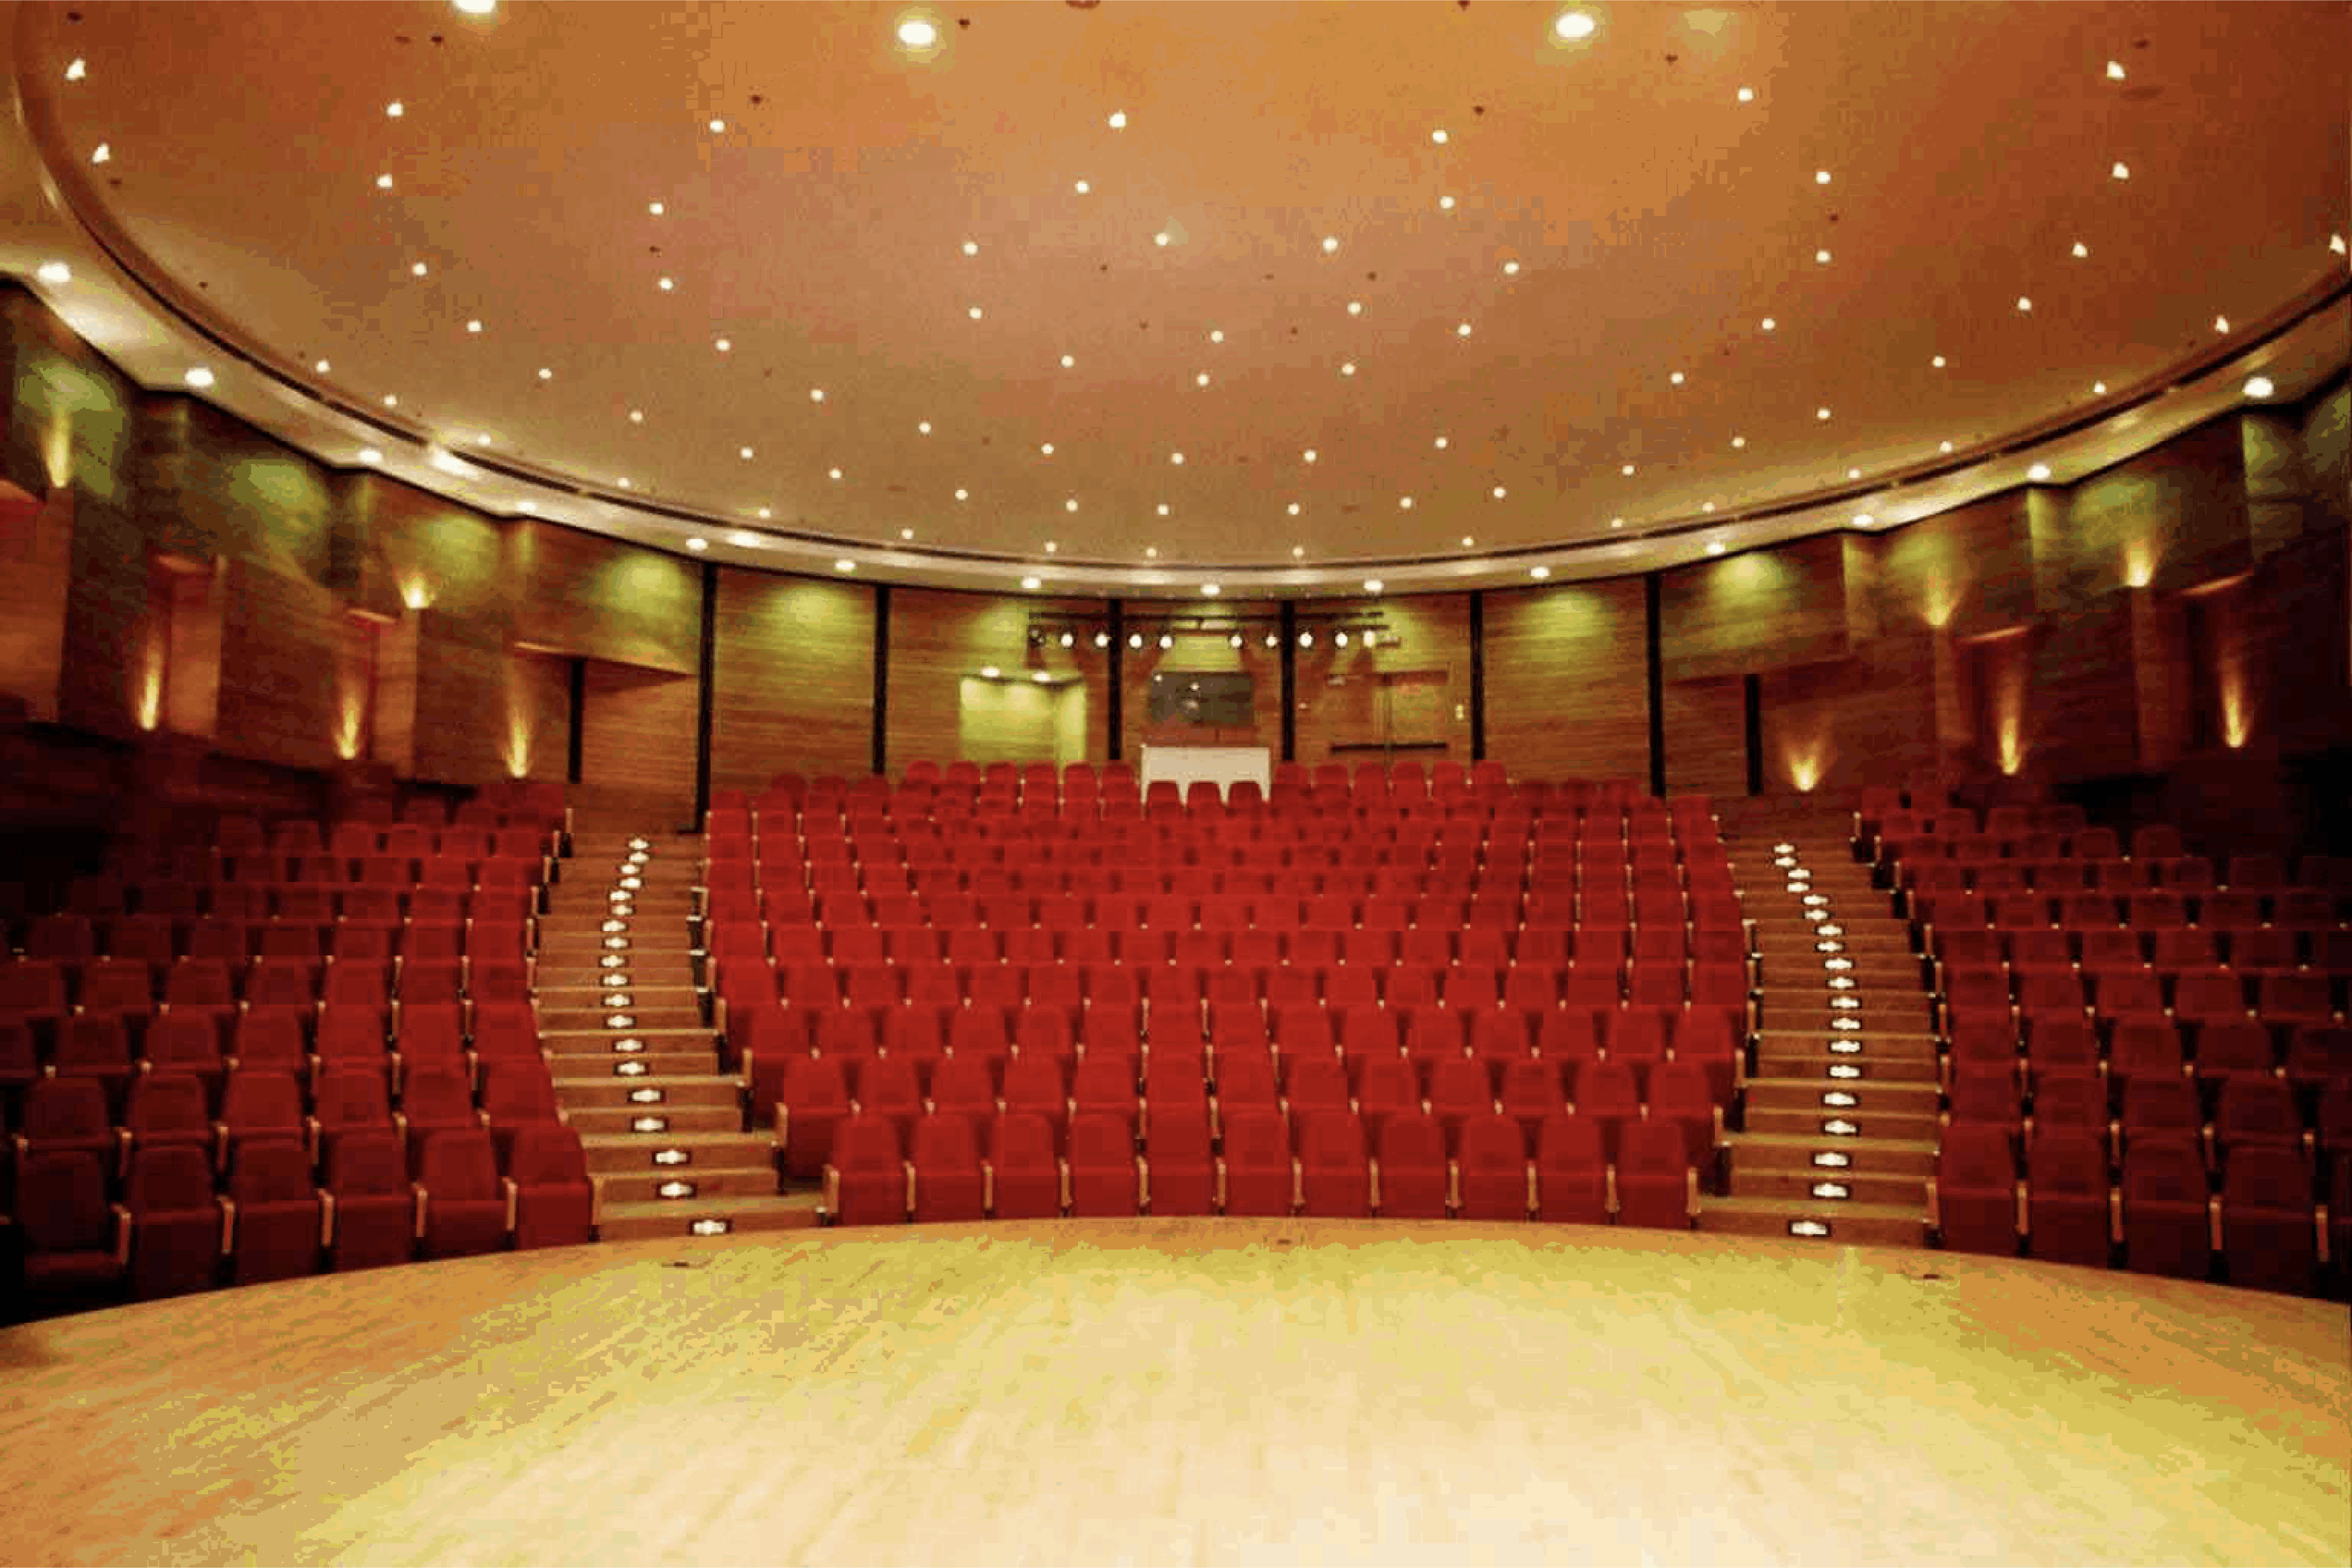 תמונה של אולם הקונצרטים